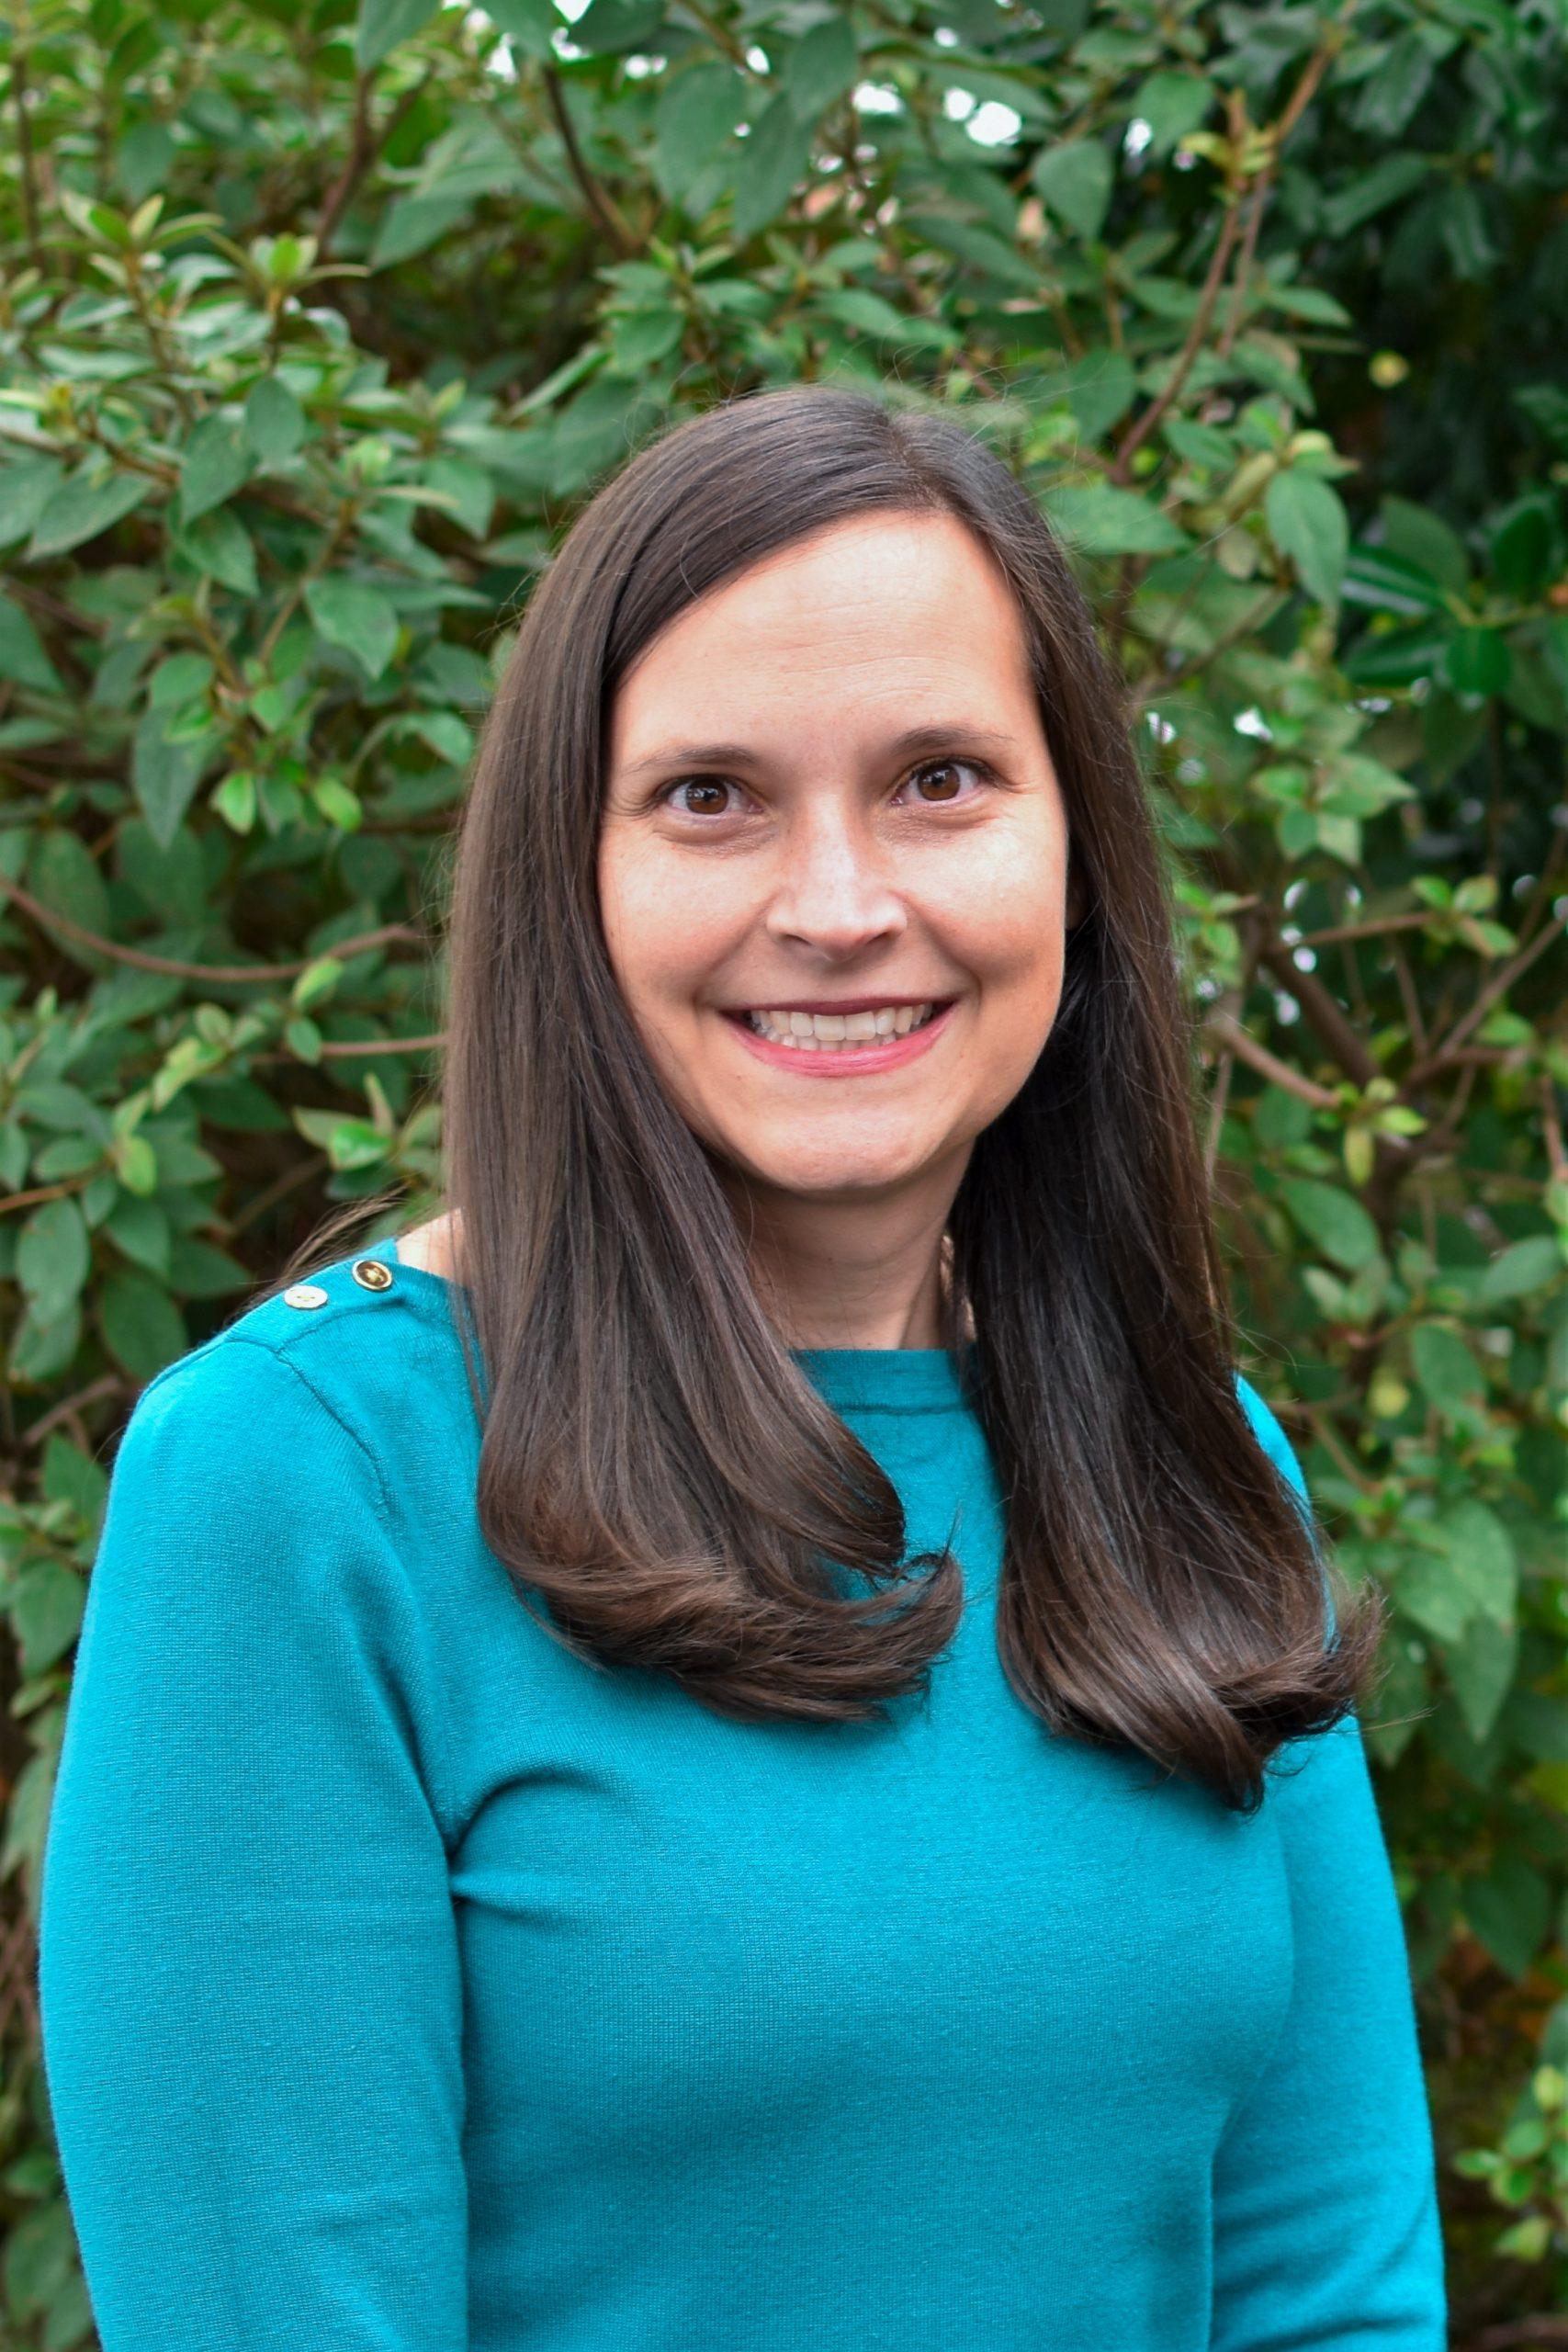 Headshot of Regan Burney